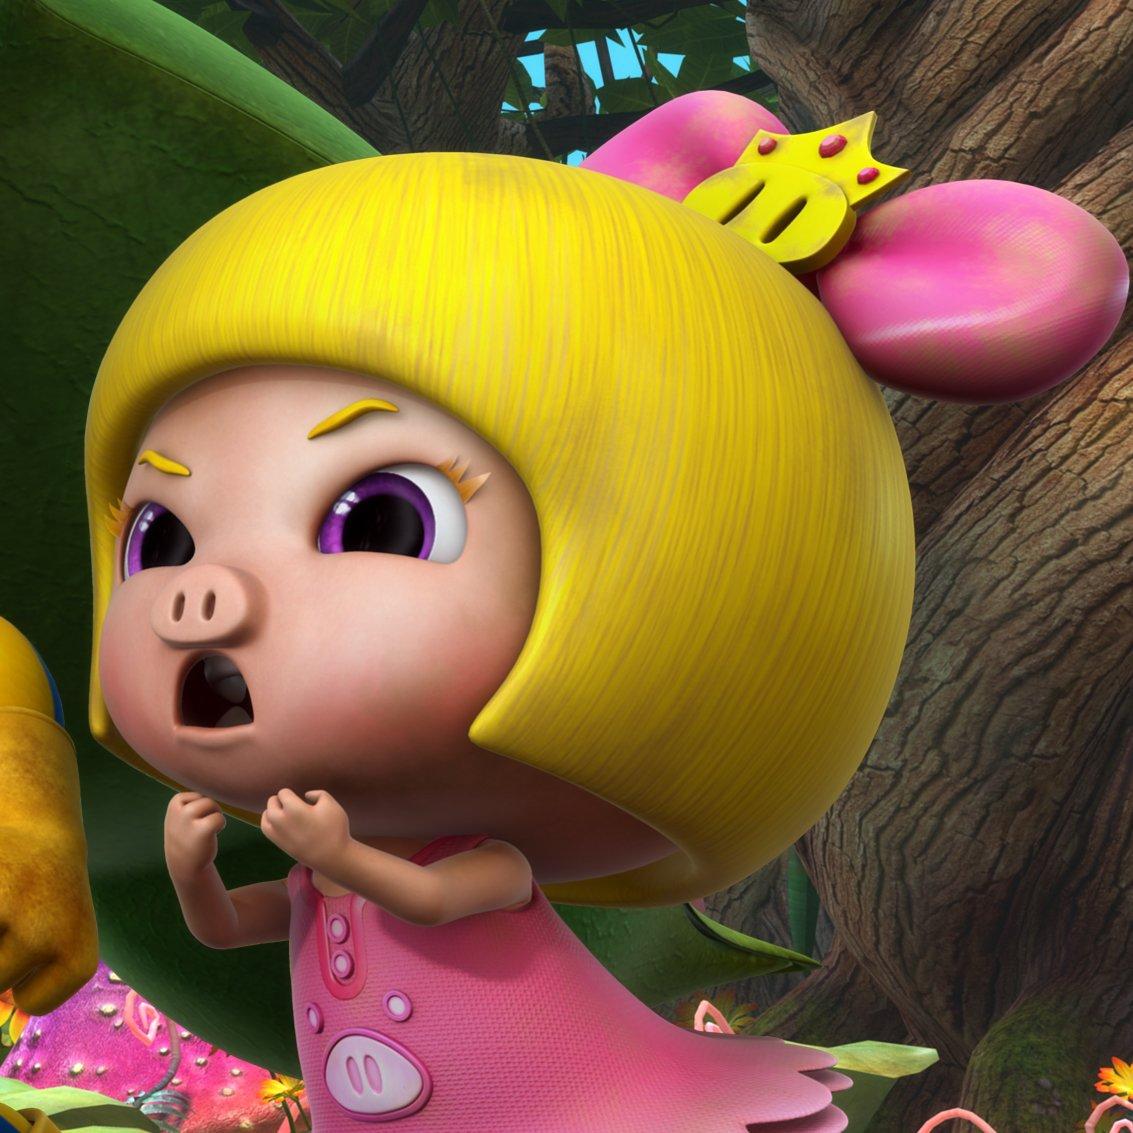 猪猪侠巨人岛_点我游戏即将发布《猪猪侠勇闯巨人岛》同名手